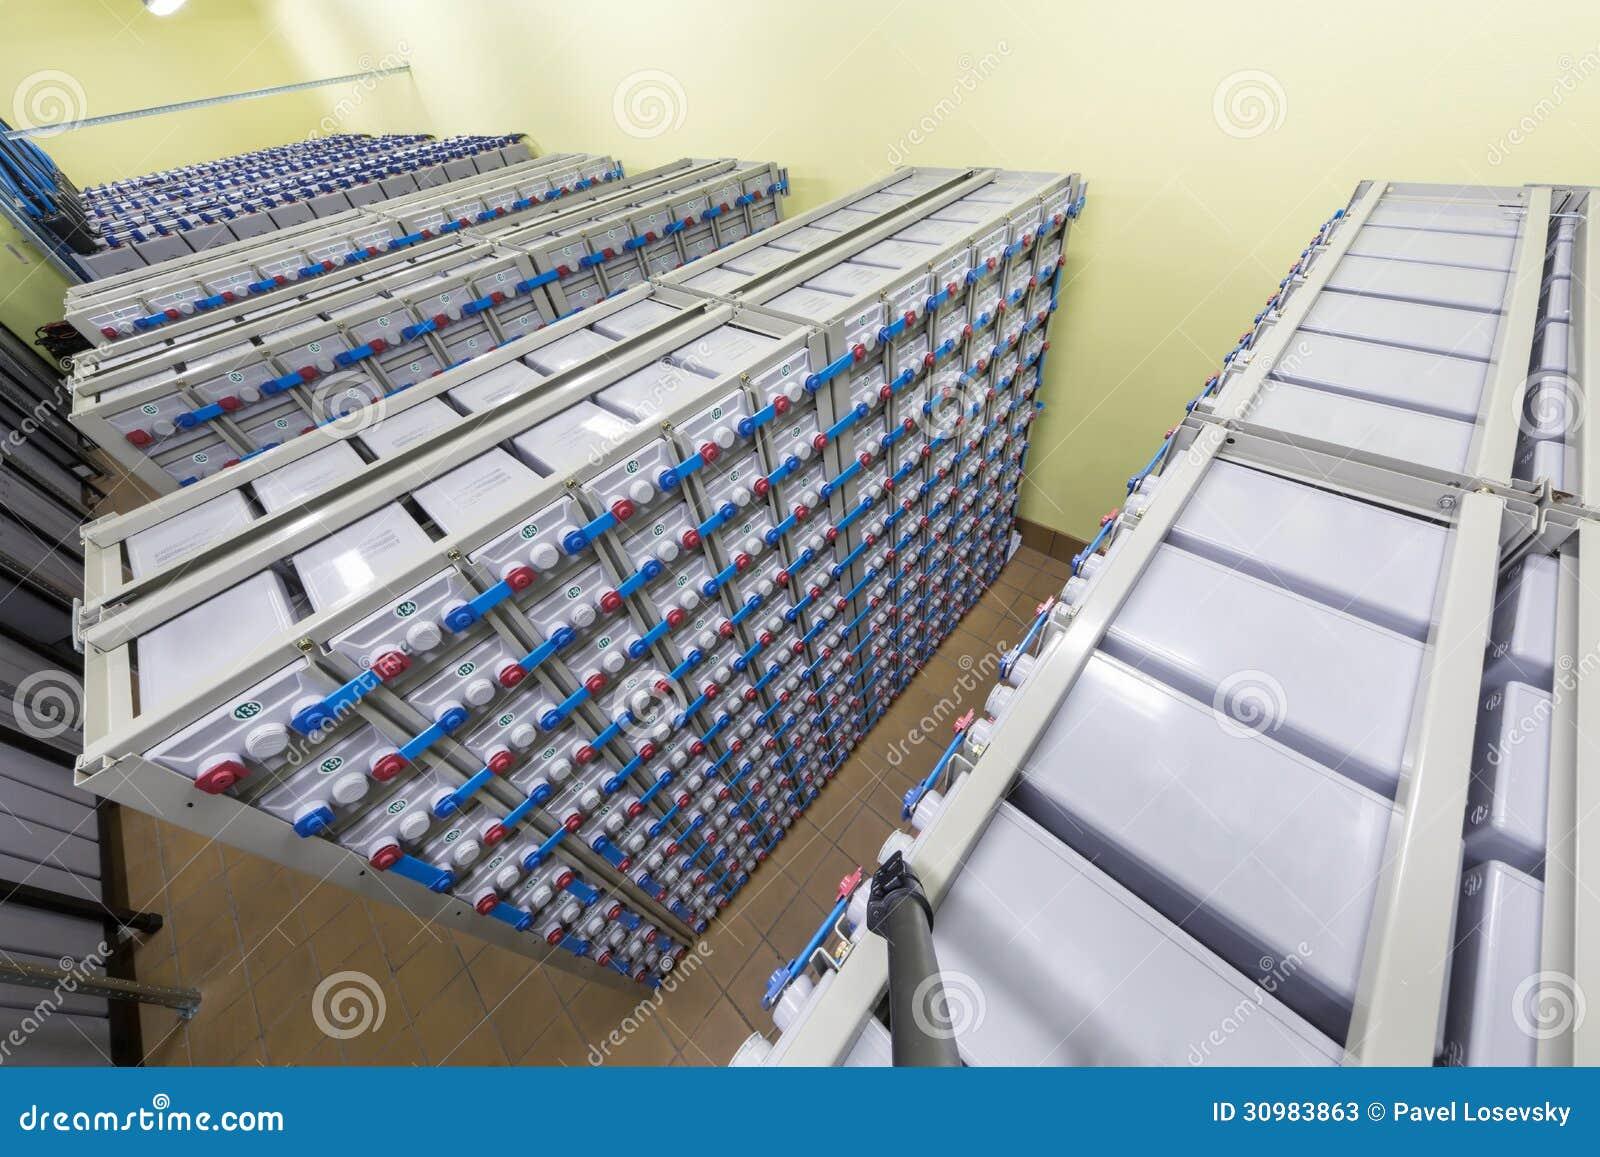 Батареи в промышленной резервной электрической системе.